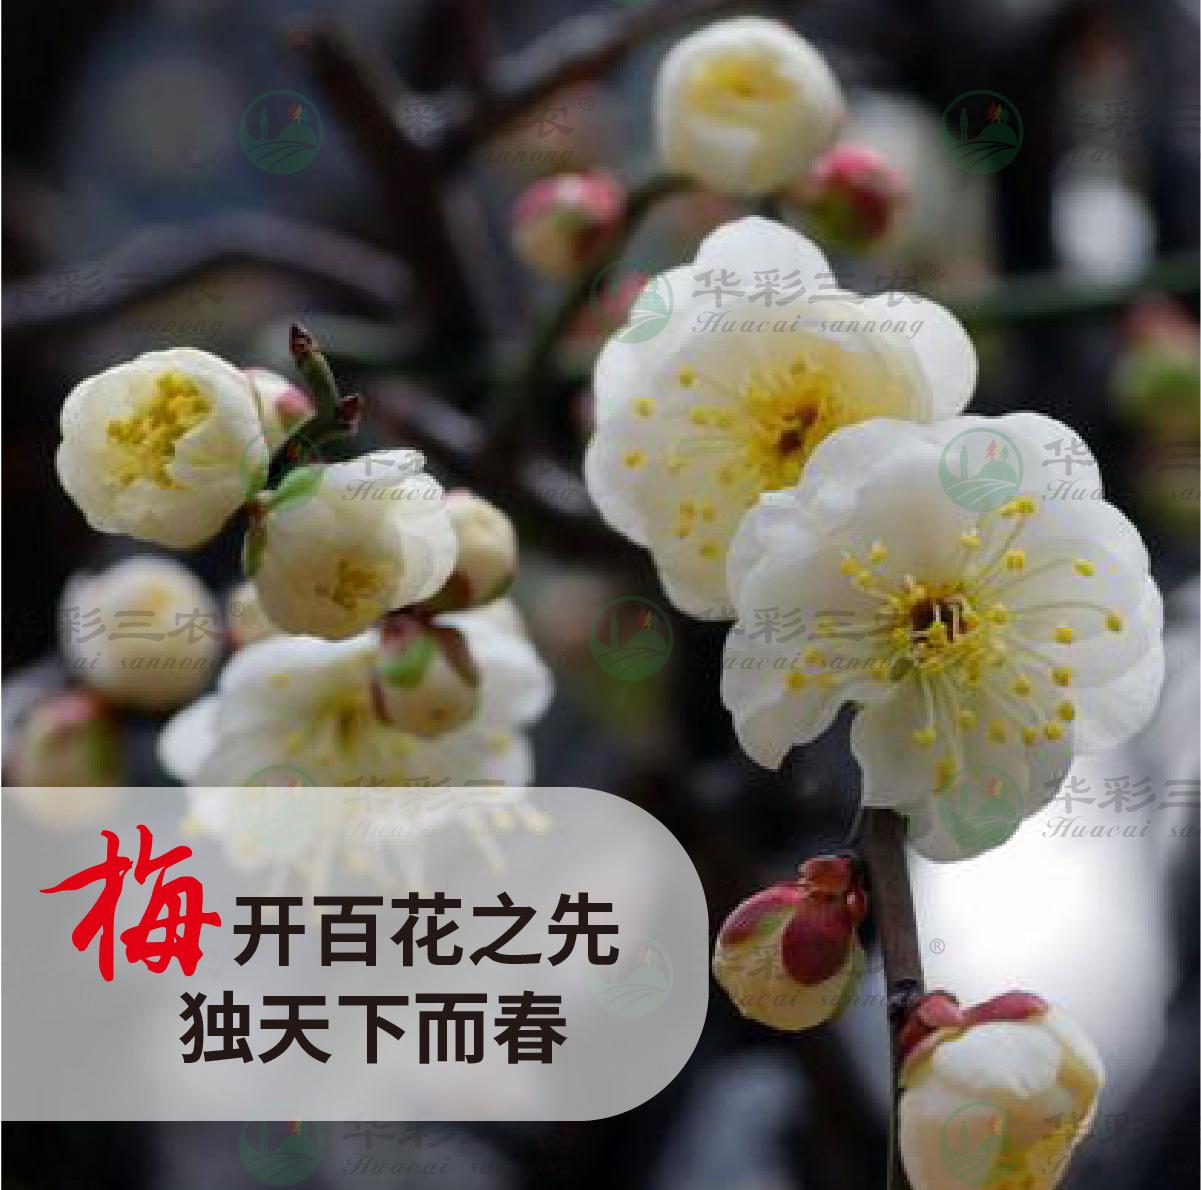 四川曹王黄香梅